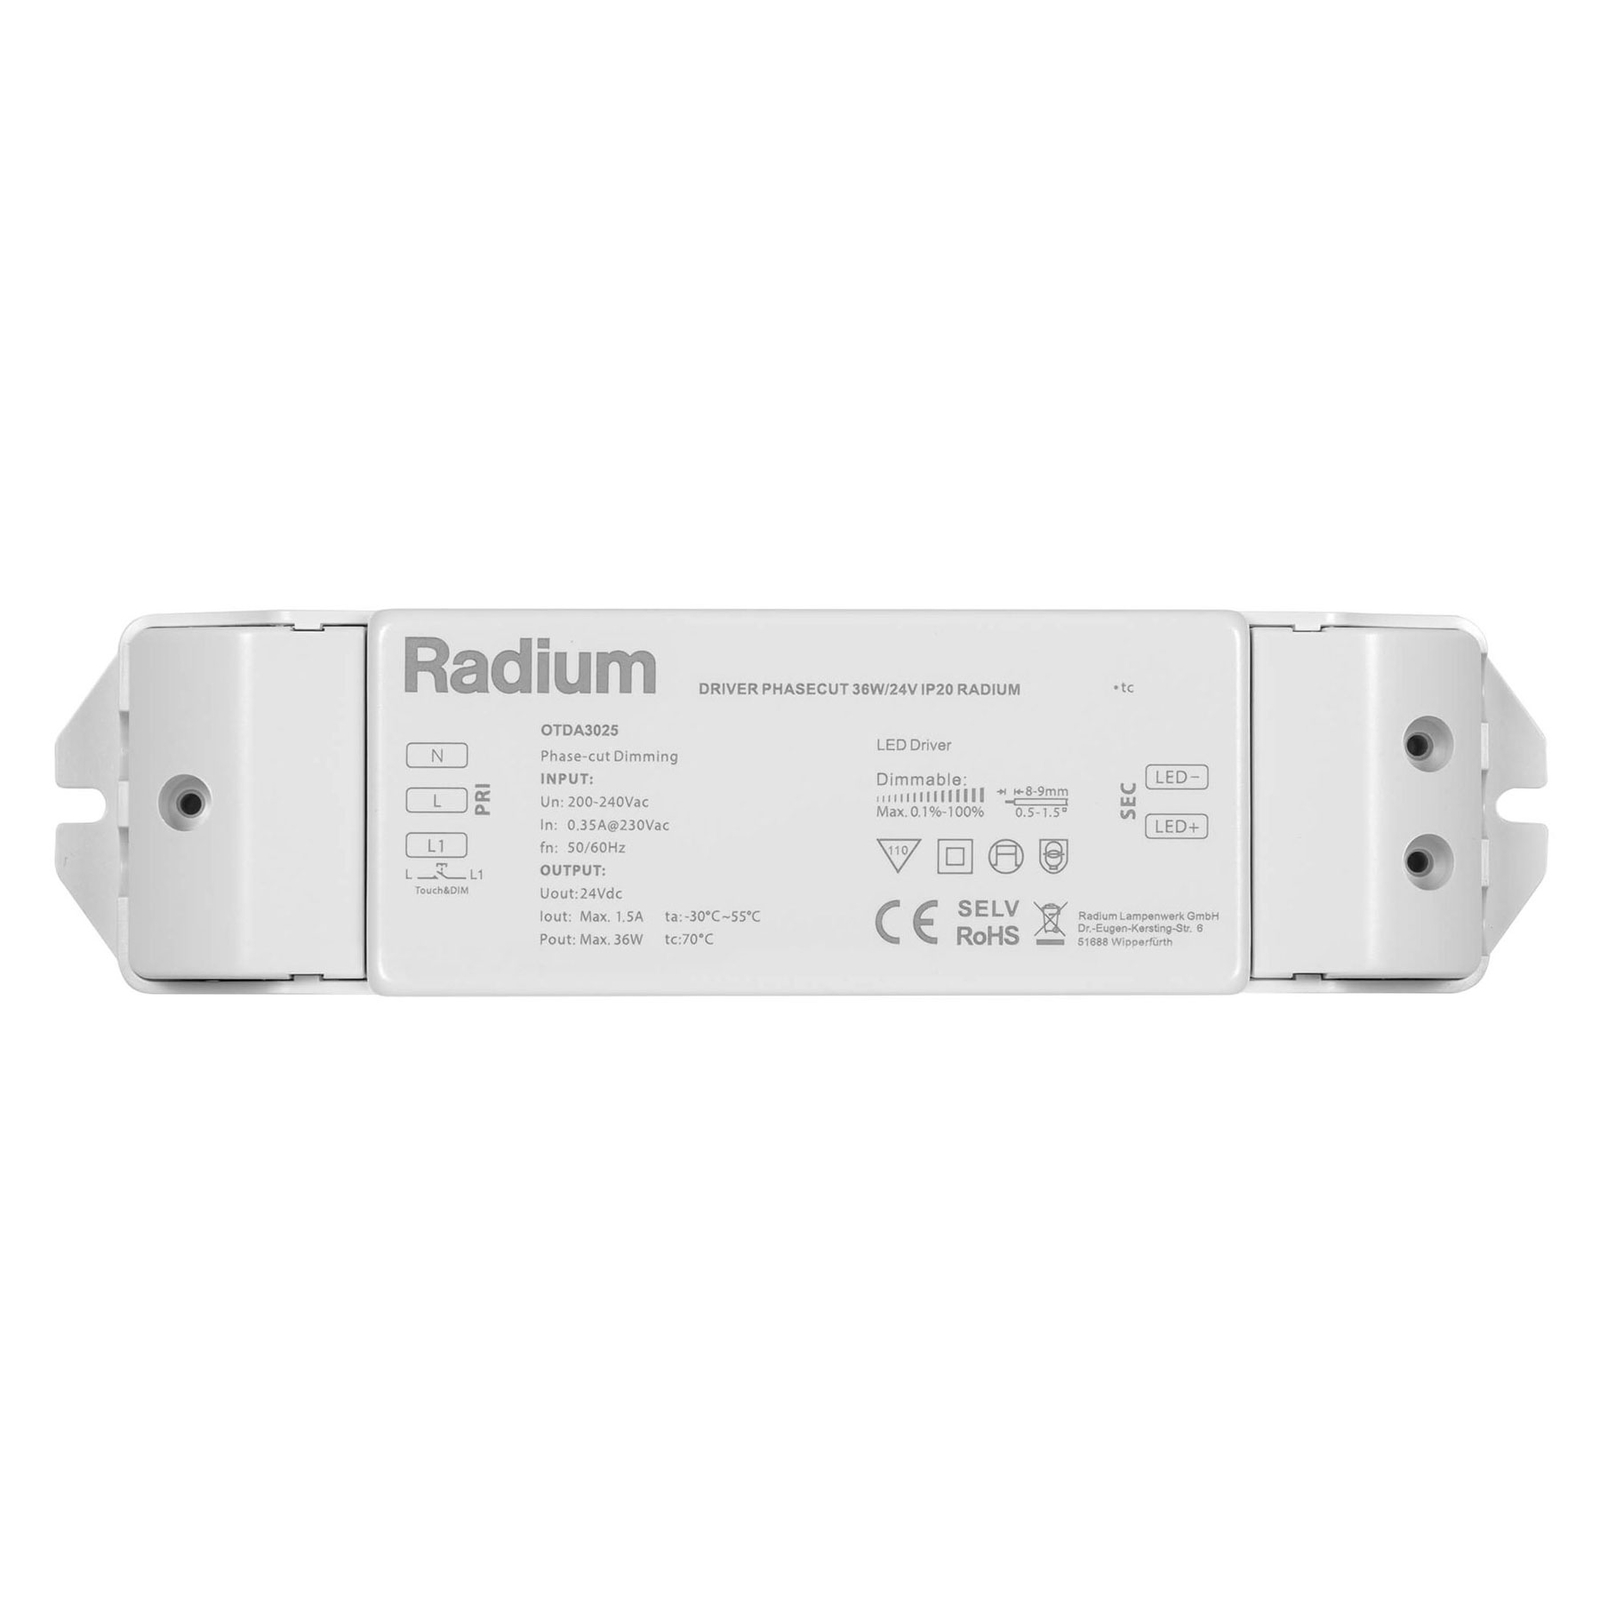 LED-Netzteil Radium OTDA 24V-DC, 36 W